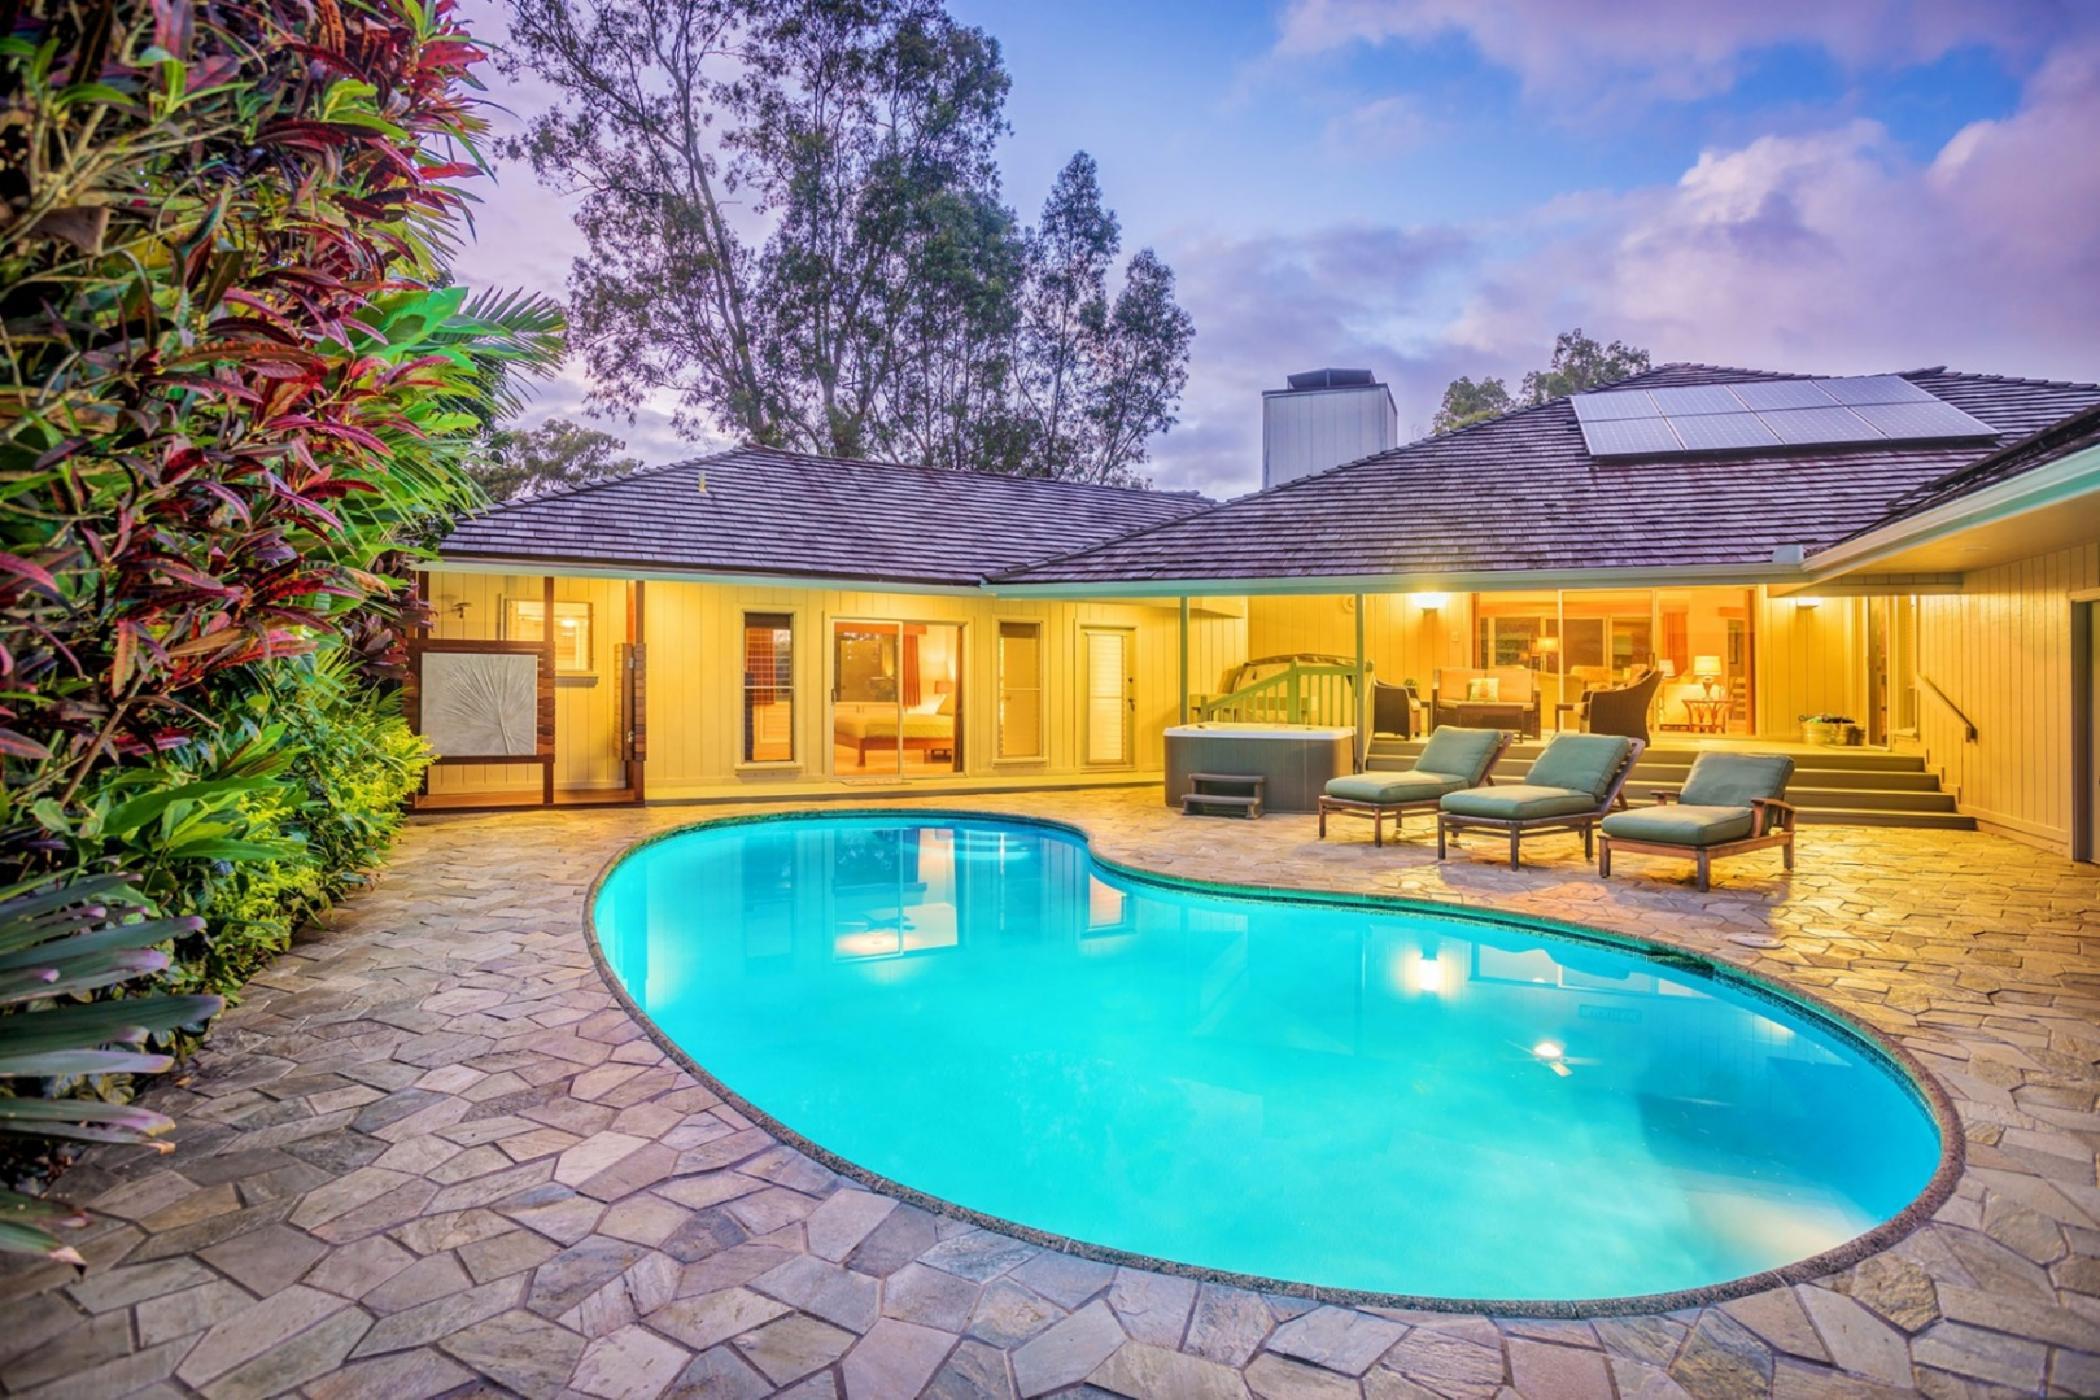 Ke'alohi Wai Princeville Luxury Home